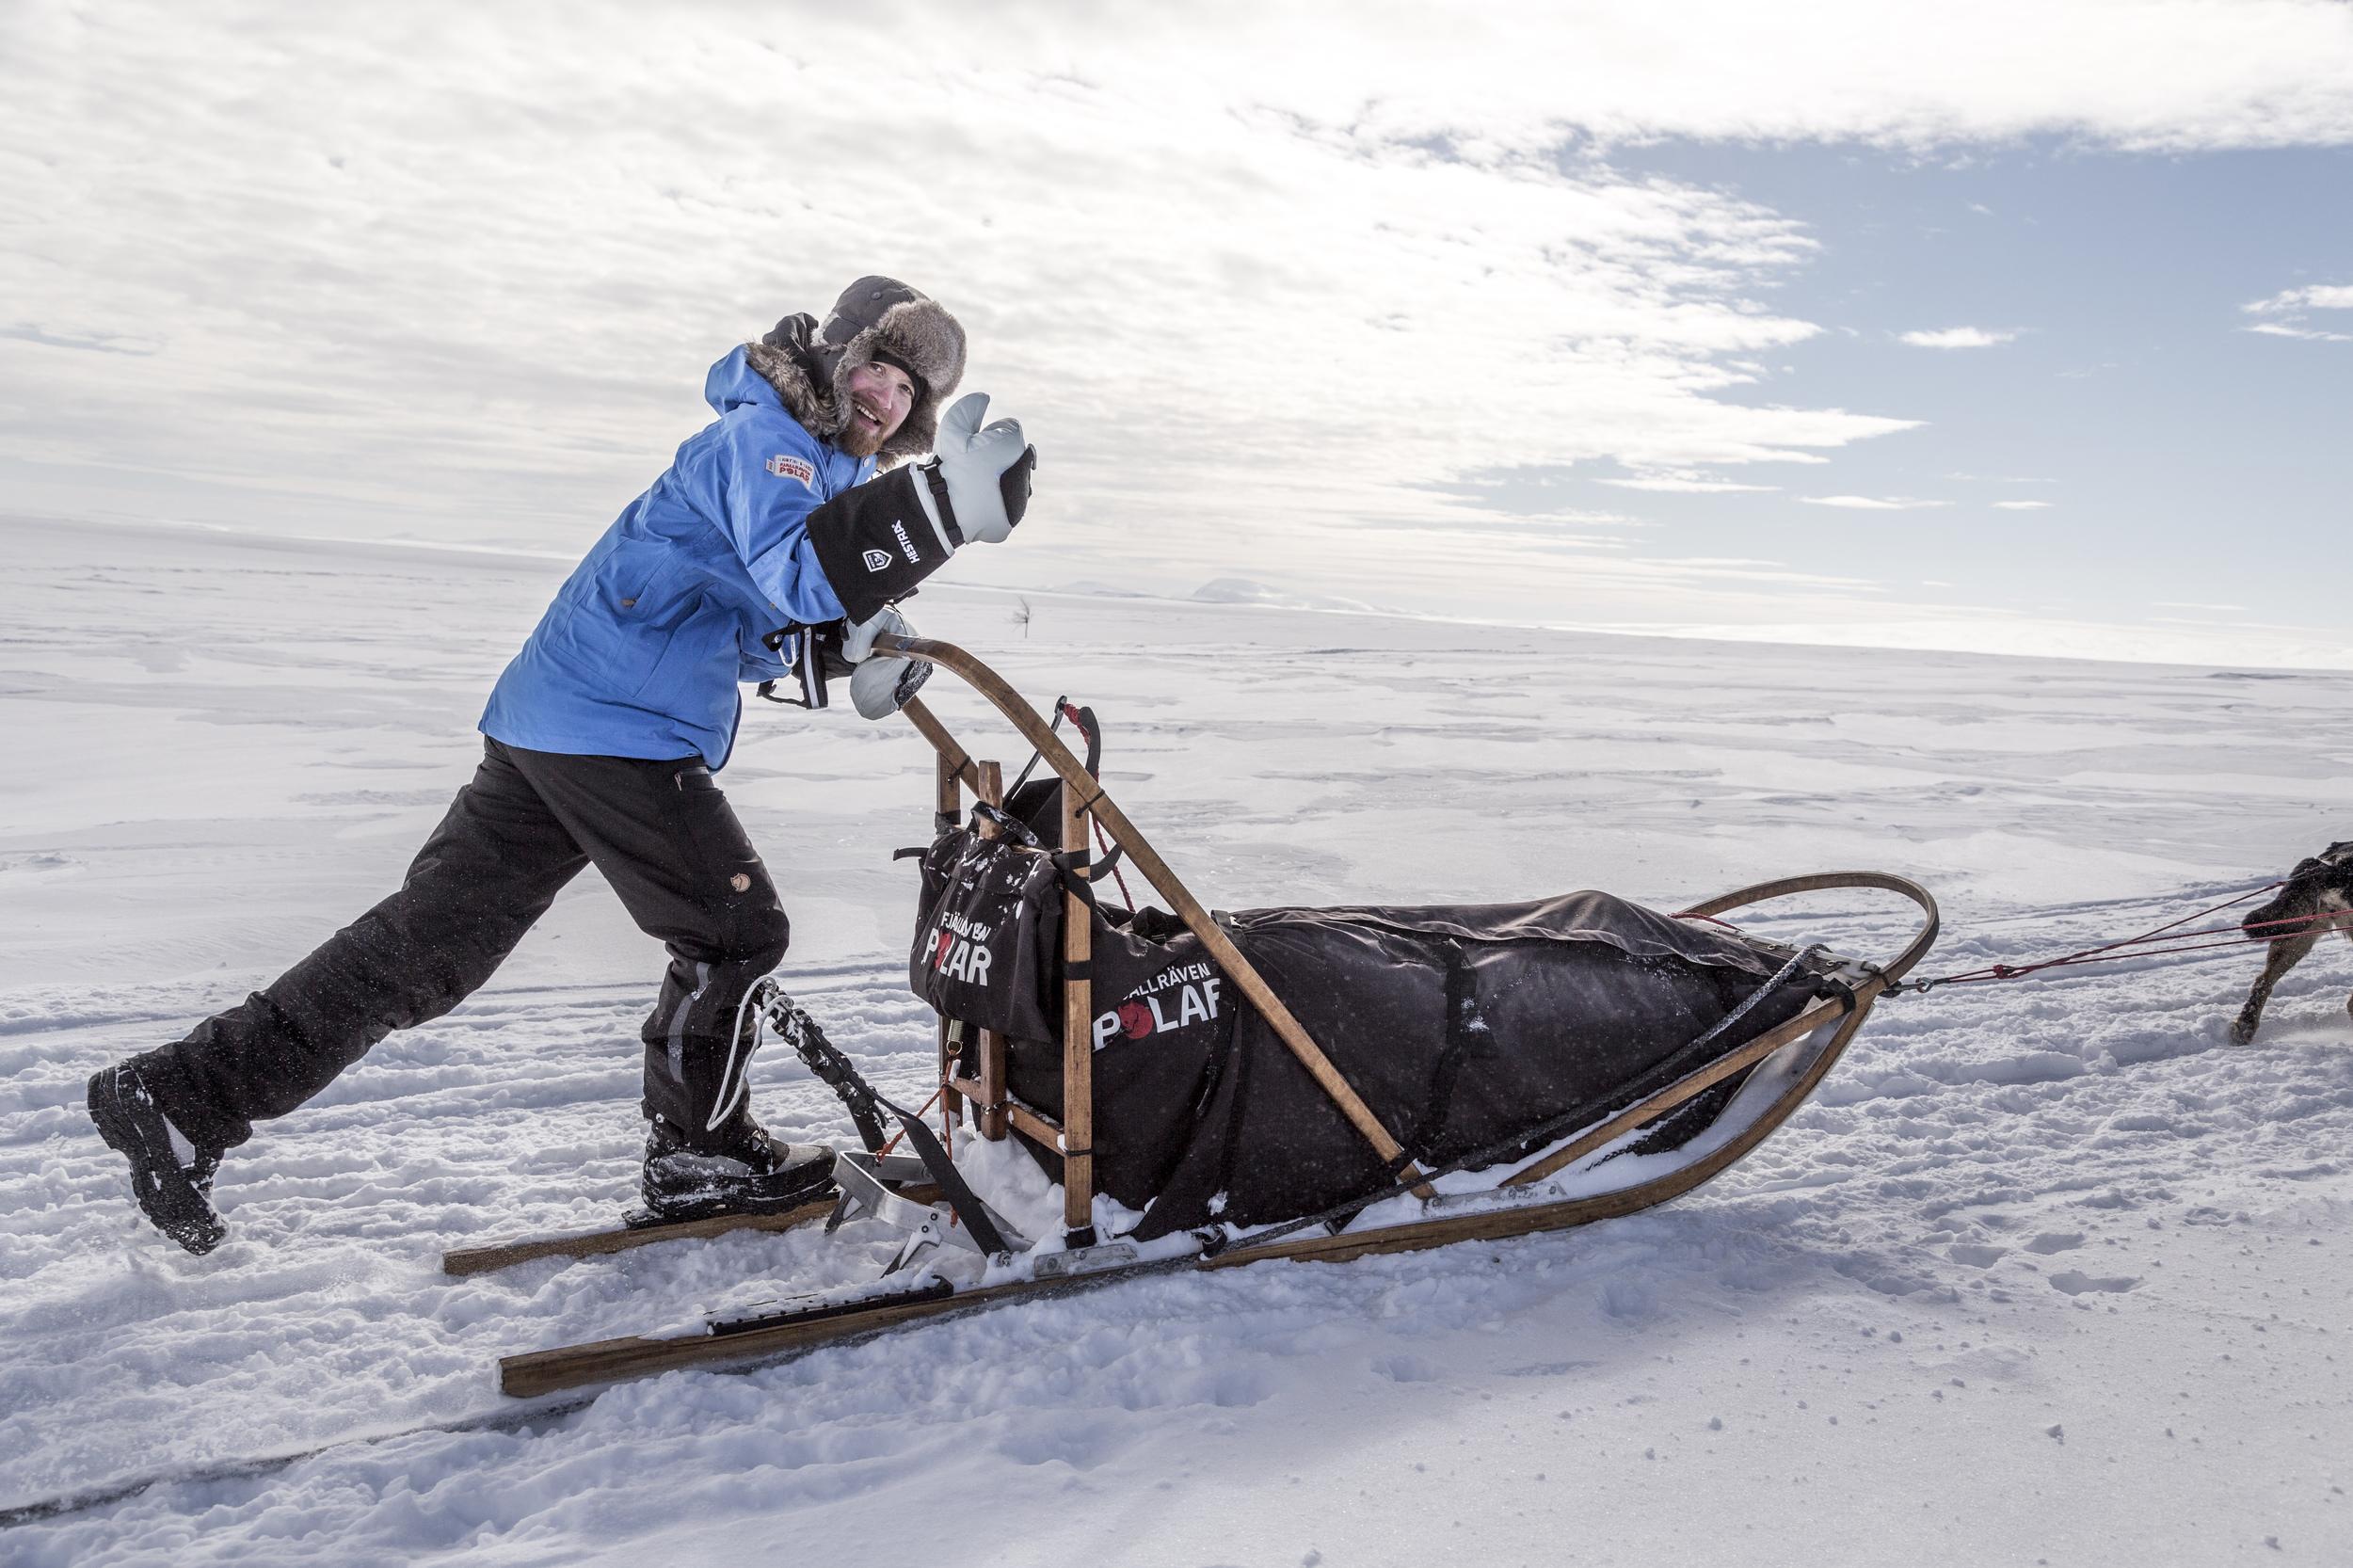 Finnish Fjällräven Polar participant Tuomo Lampela masters the art of sledding on one runner.(Photo by Håkan Wike for Fjällräven International. All rights reserved.)